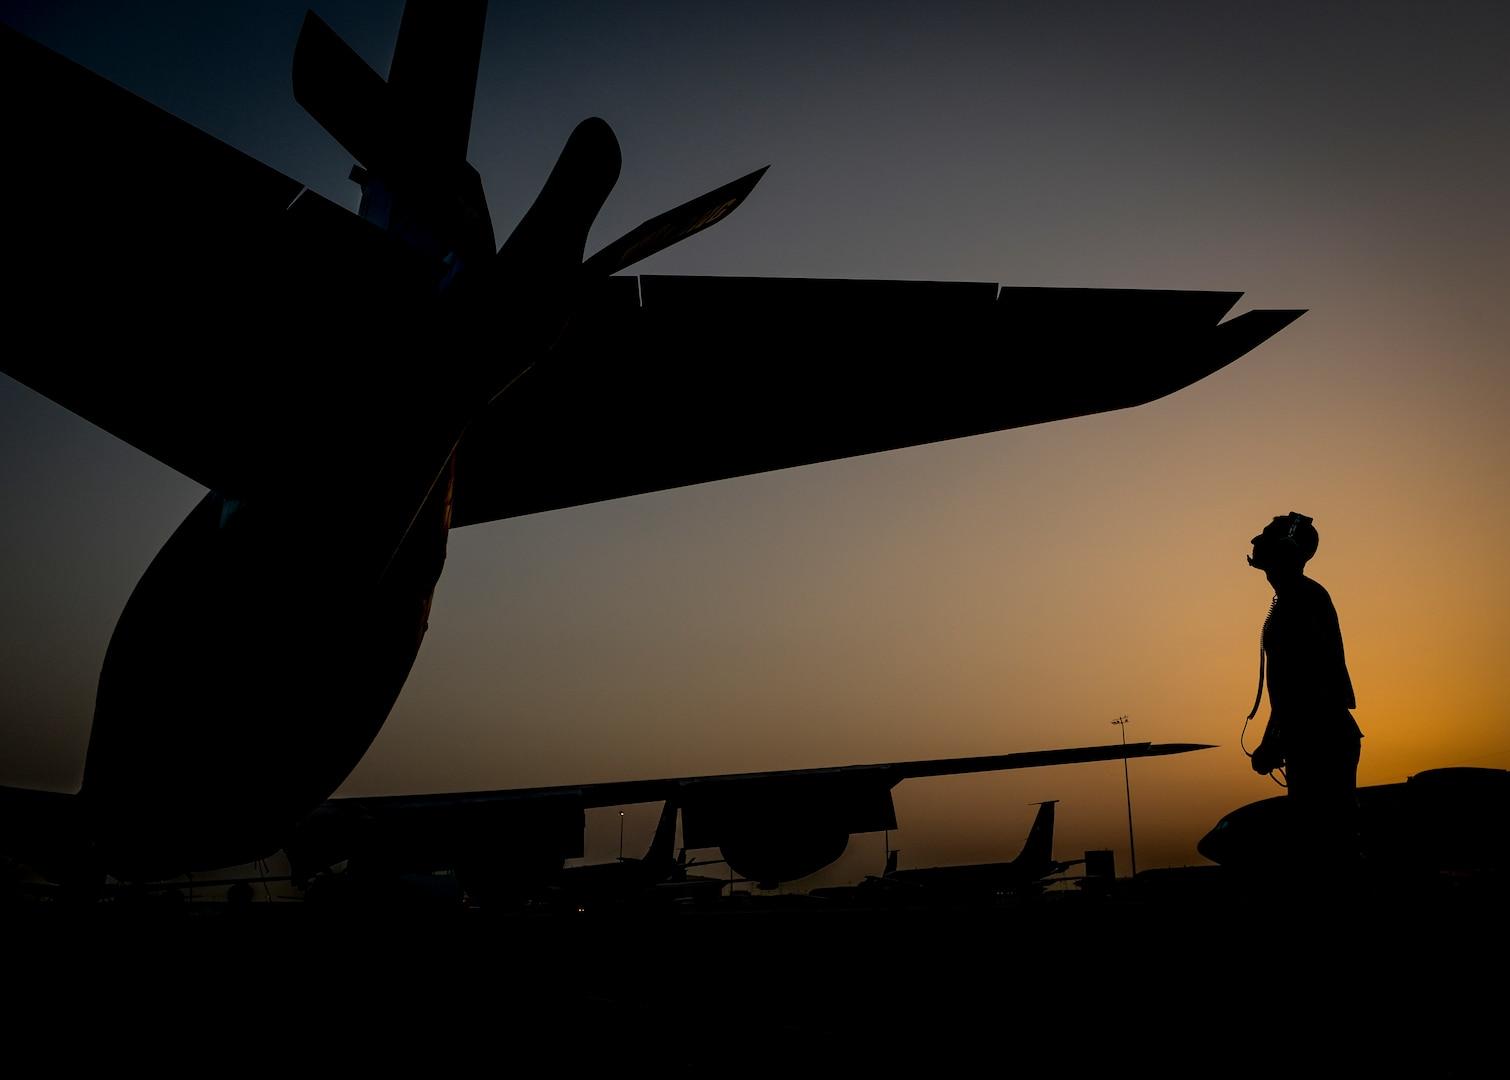 KC-135s refuel the OIR fight